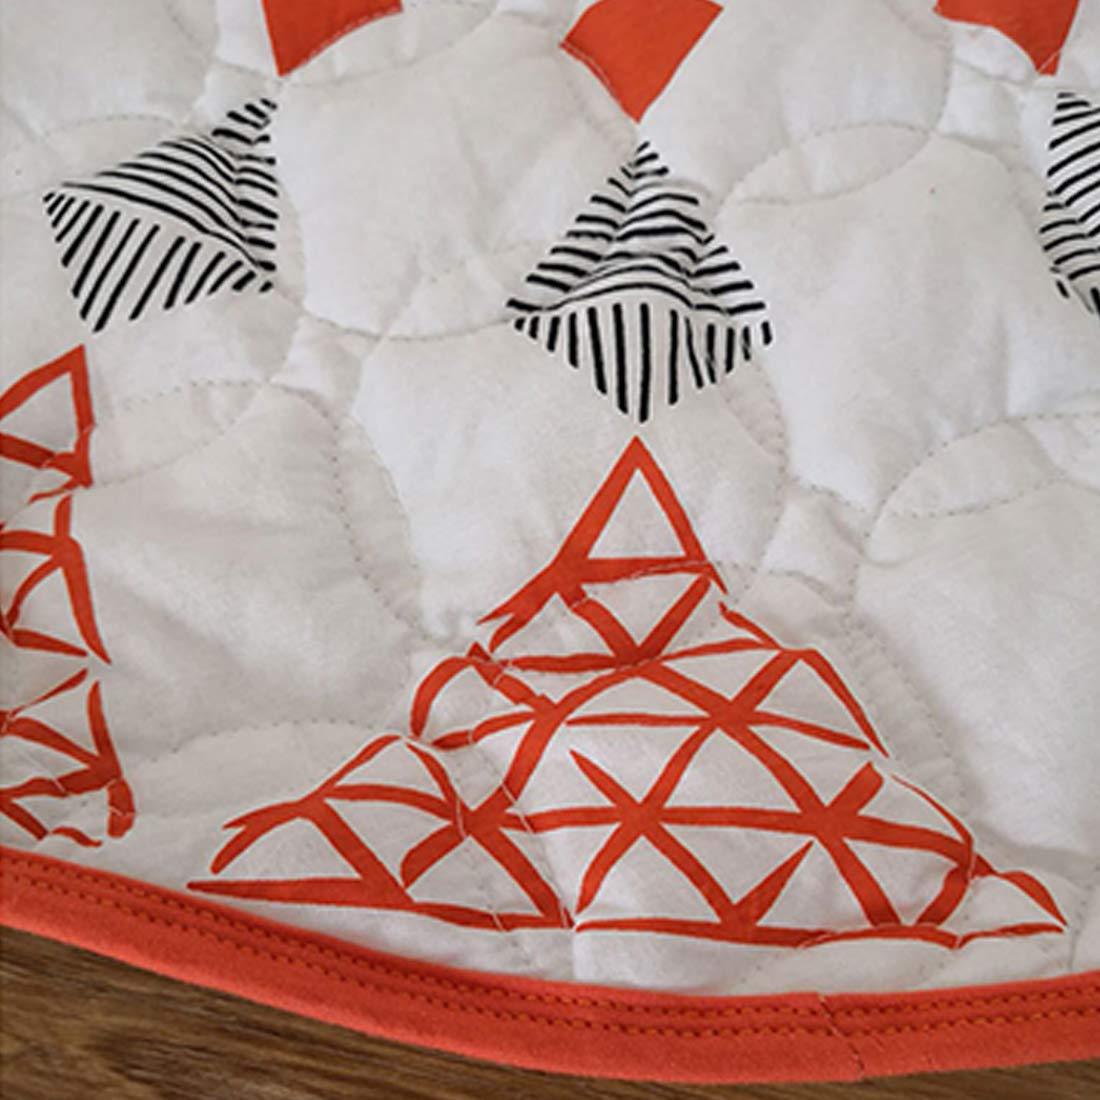 GWELL S/ü/ß Fu/ßmatten Runde Teppich Weich Baumwolle Kinderteppich f/ür Kinderzimmer Wohnzimmer Schlafzimmer Schmetterling